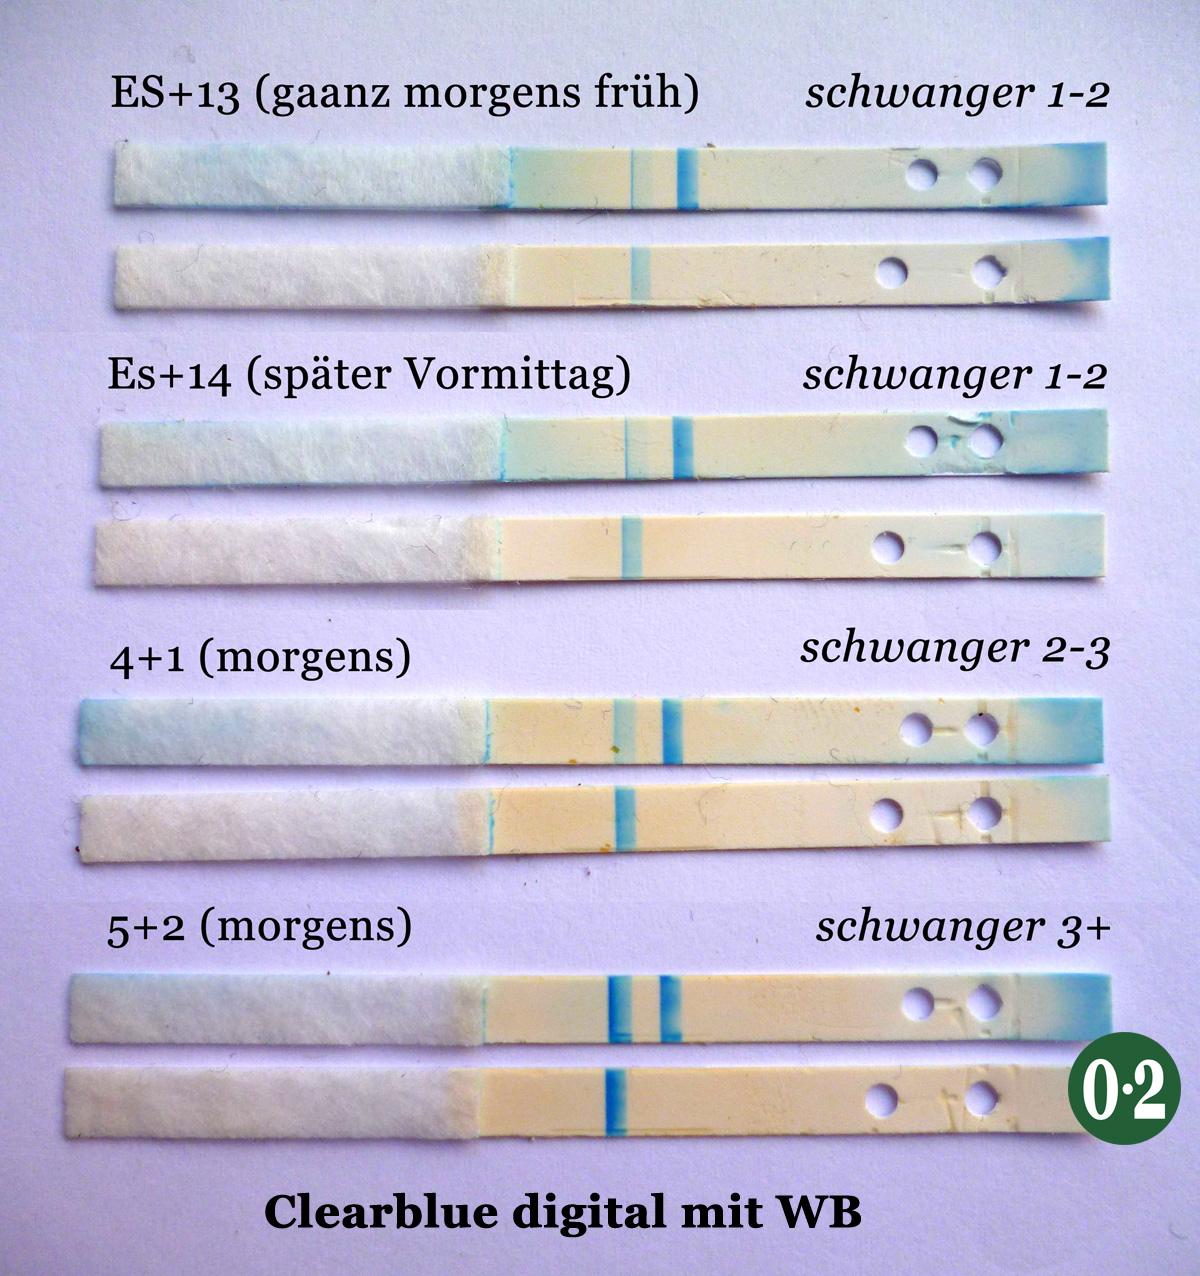 Schwangerschaftstest Clearblue Digital Testreihe